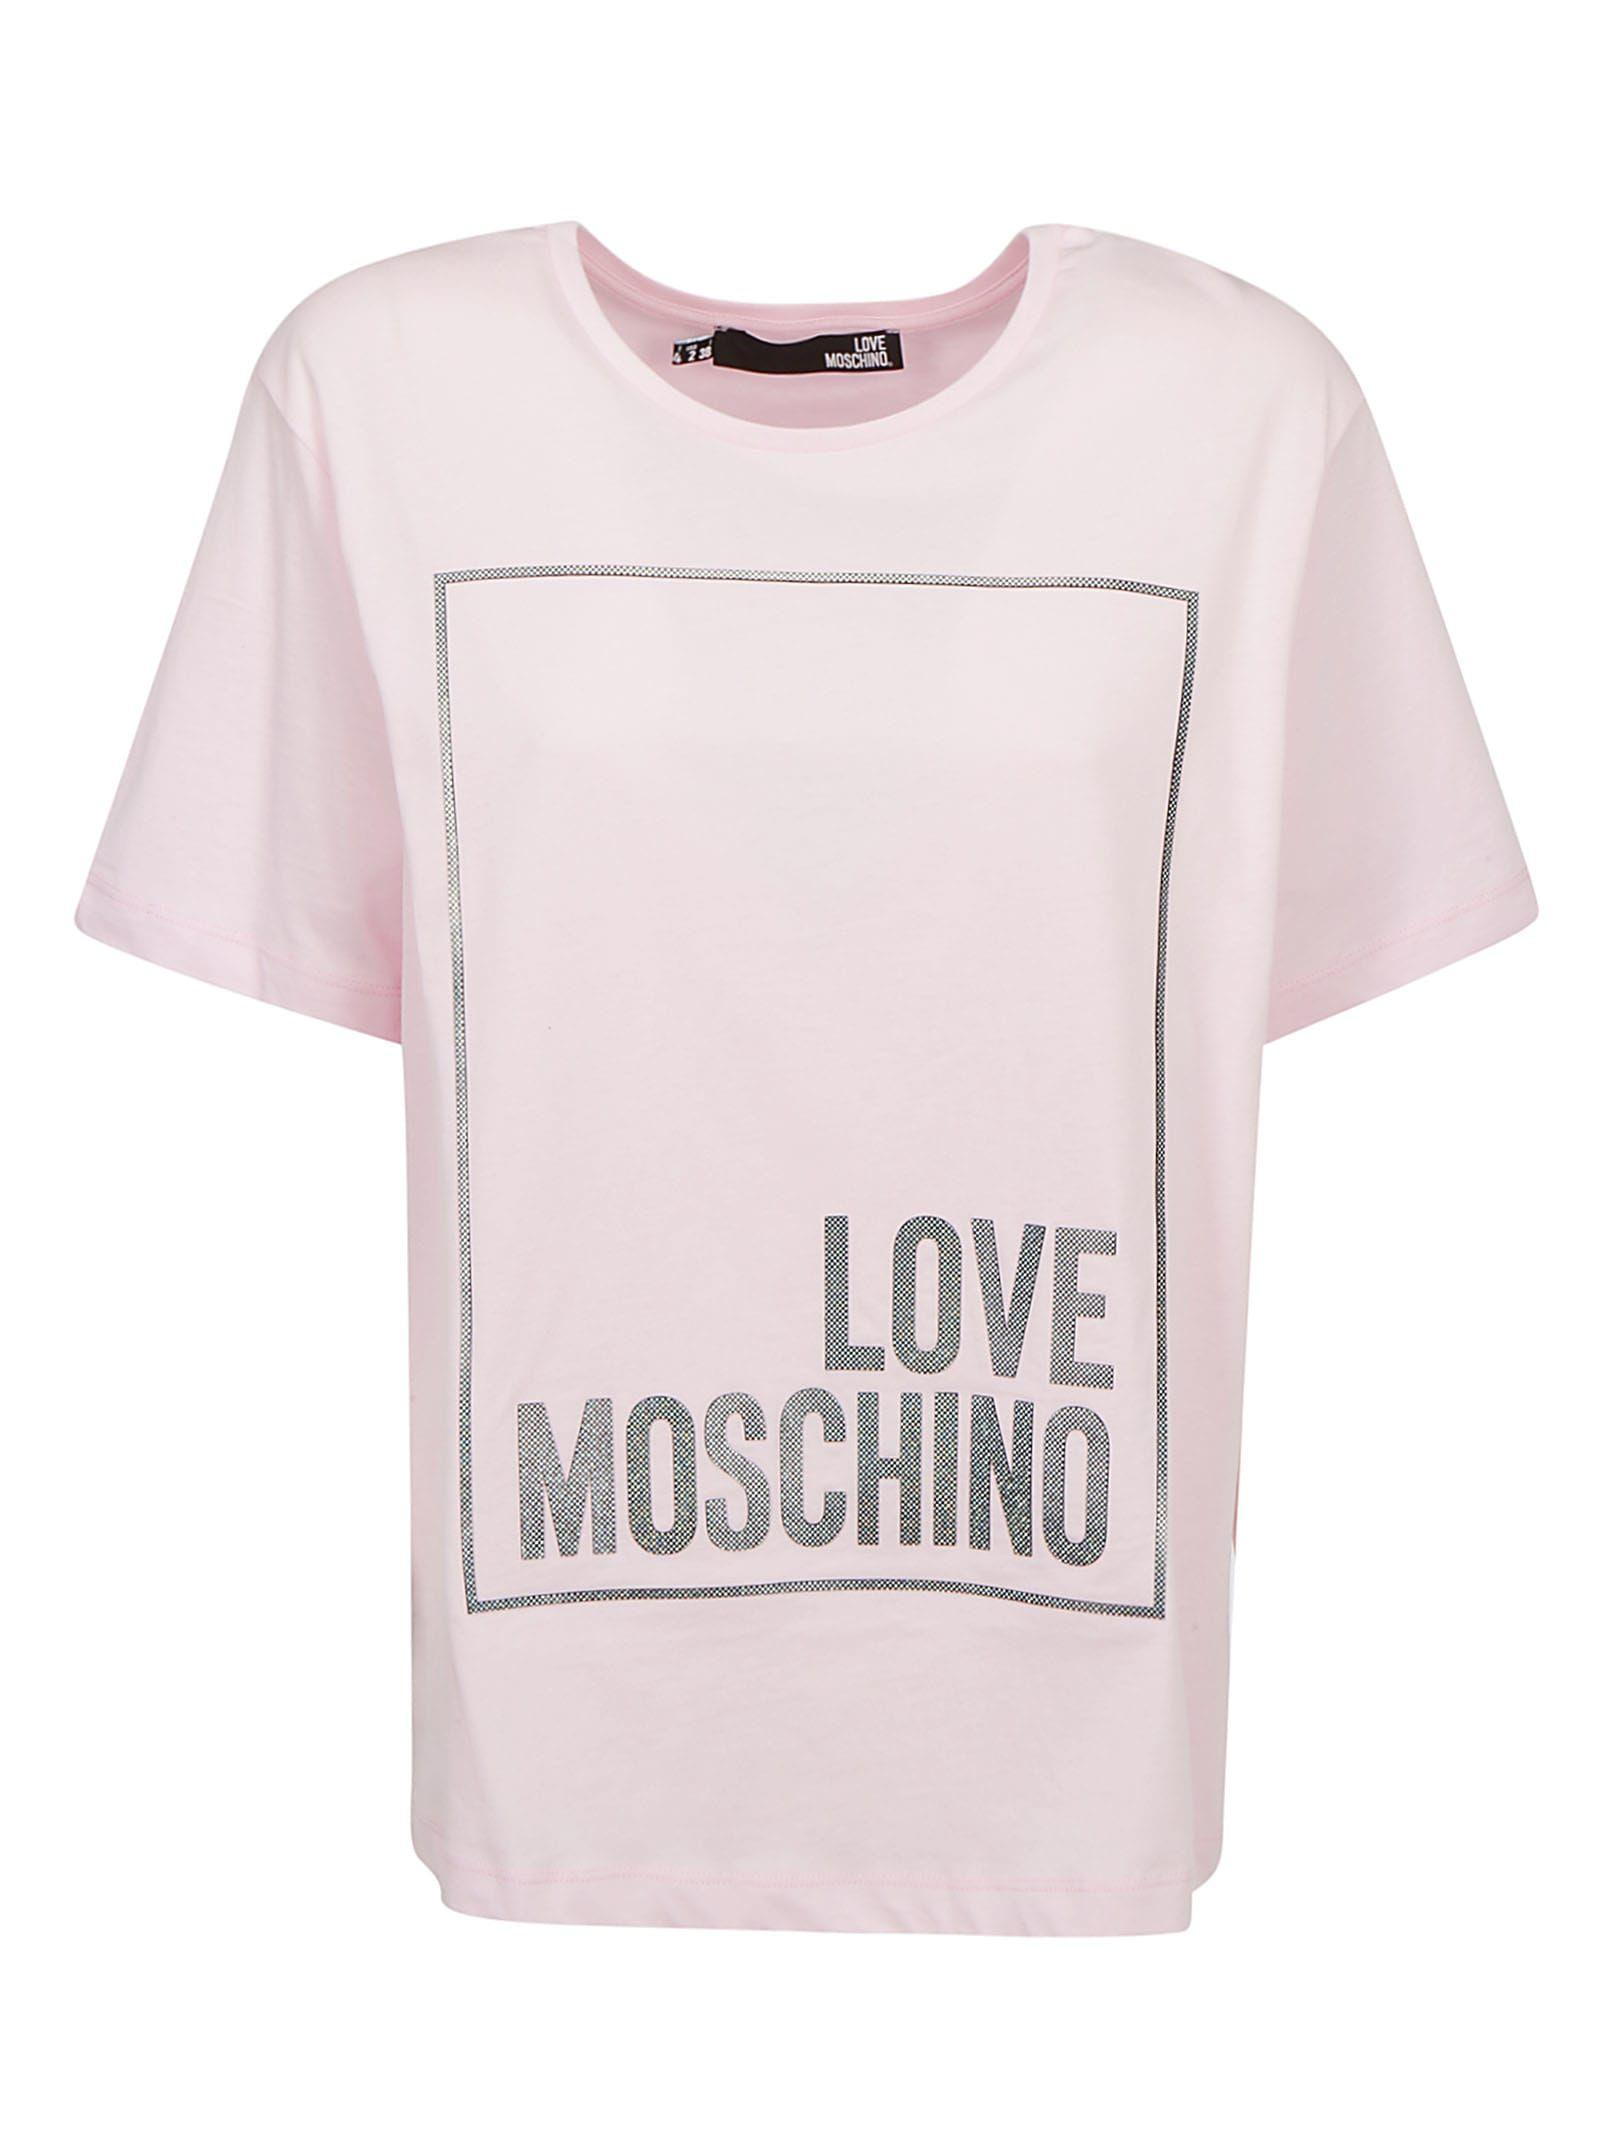 Love Moschino T Shirt Shirts Moschino T Shirt